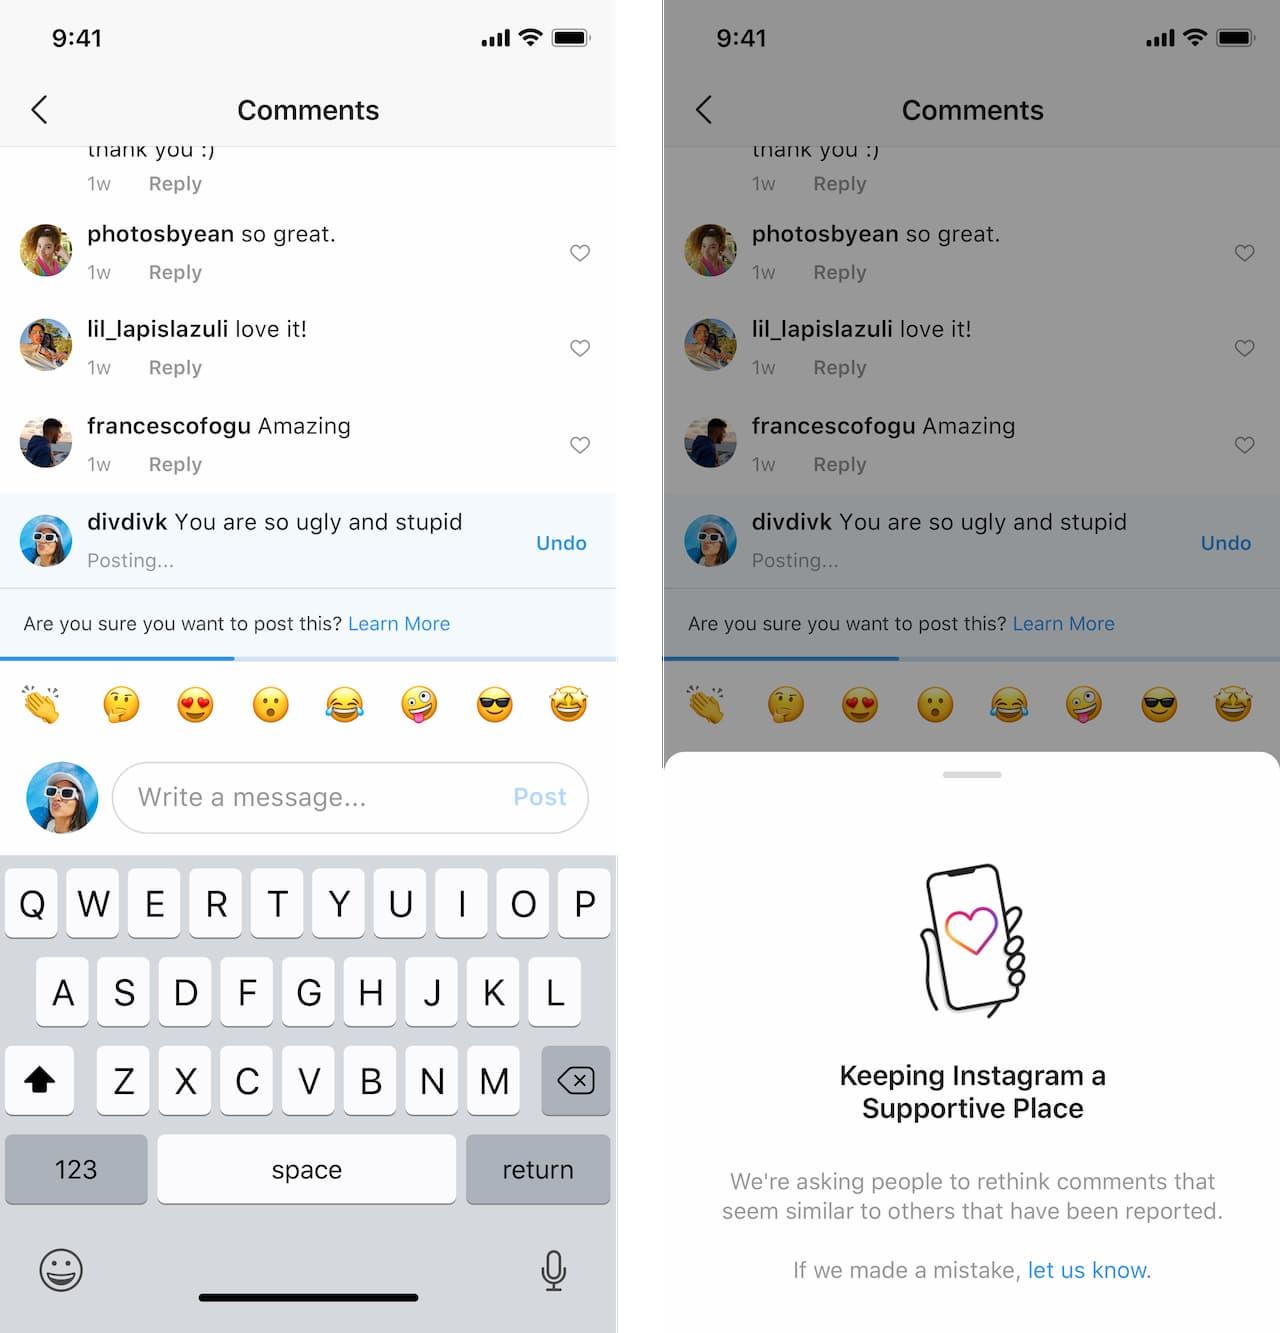 Telas mostram ferramenta do Instagram que desencoraja pessoa de fazer comentário ofensivo.